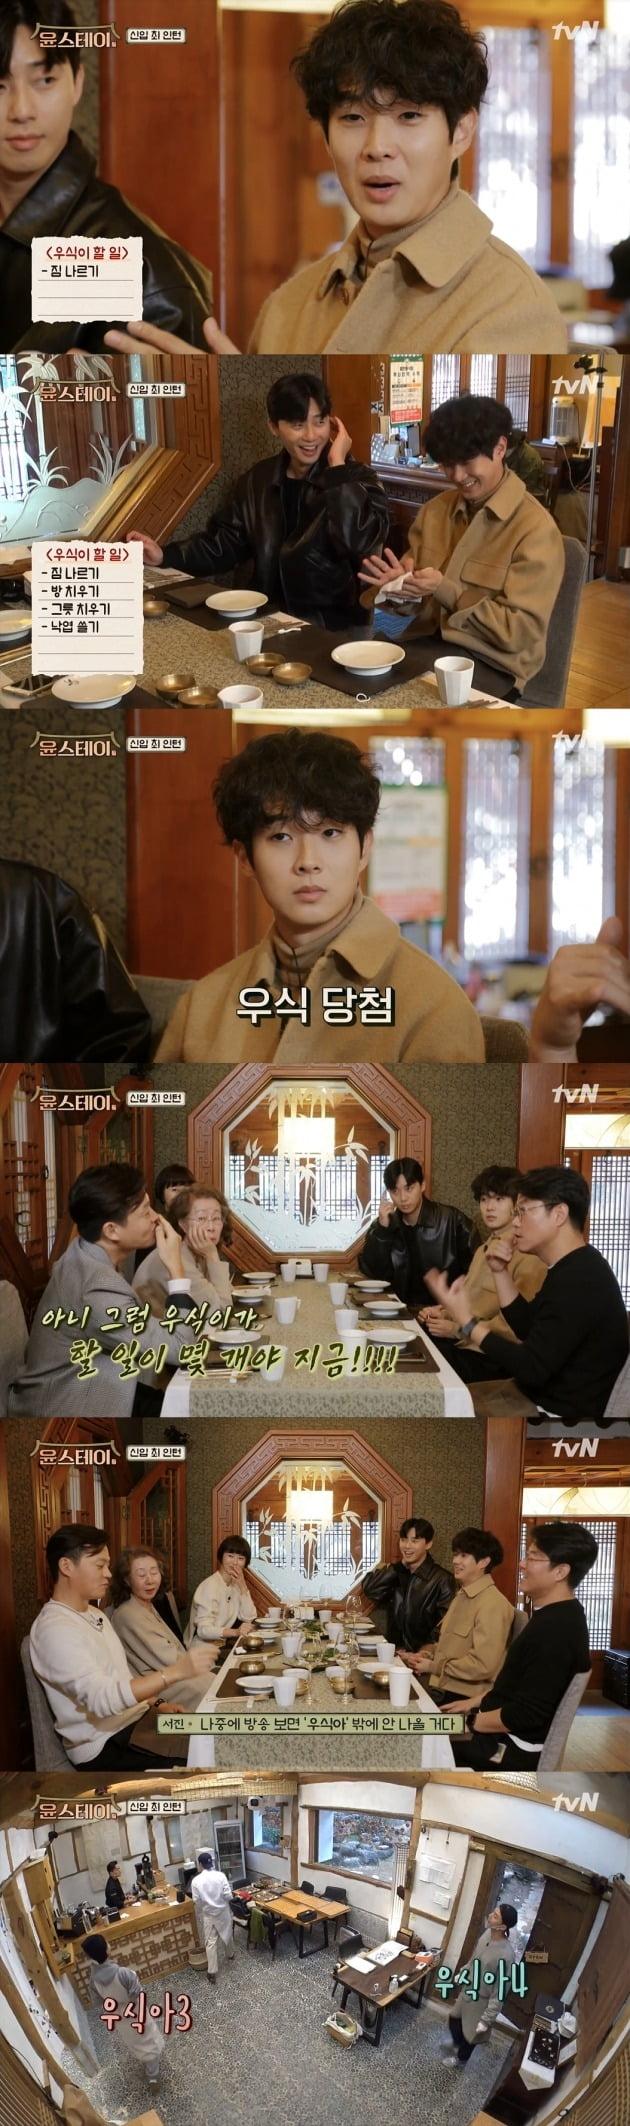 '윤스테이'에서 최우식의 활약이 돋보였다. / 사진=tvN 방송 캡처